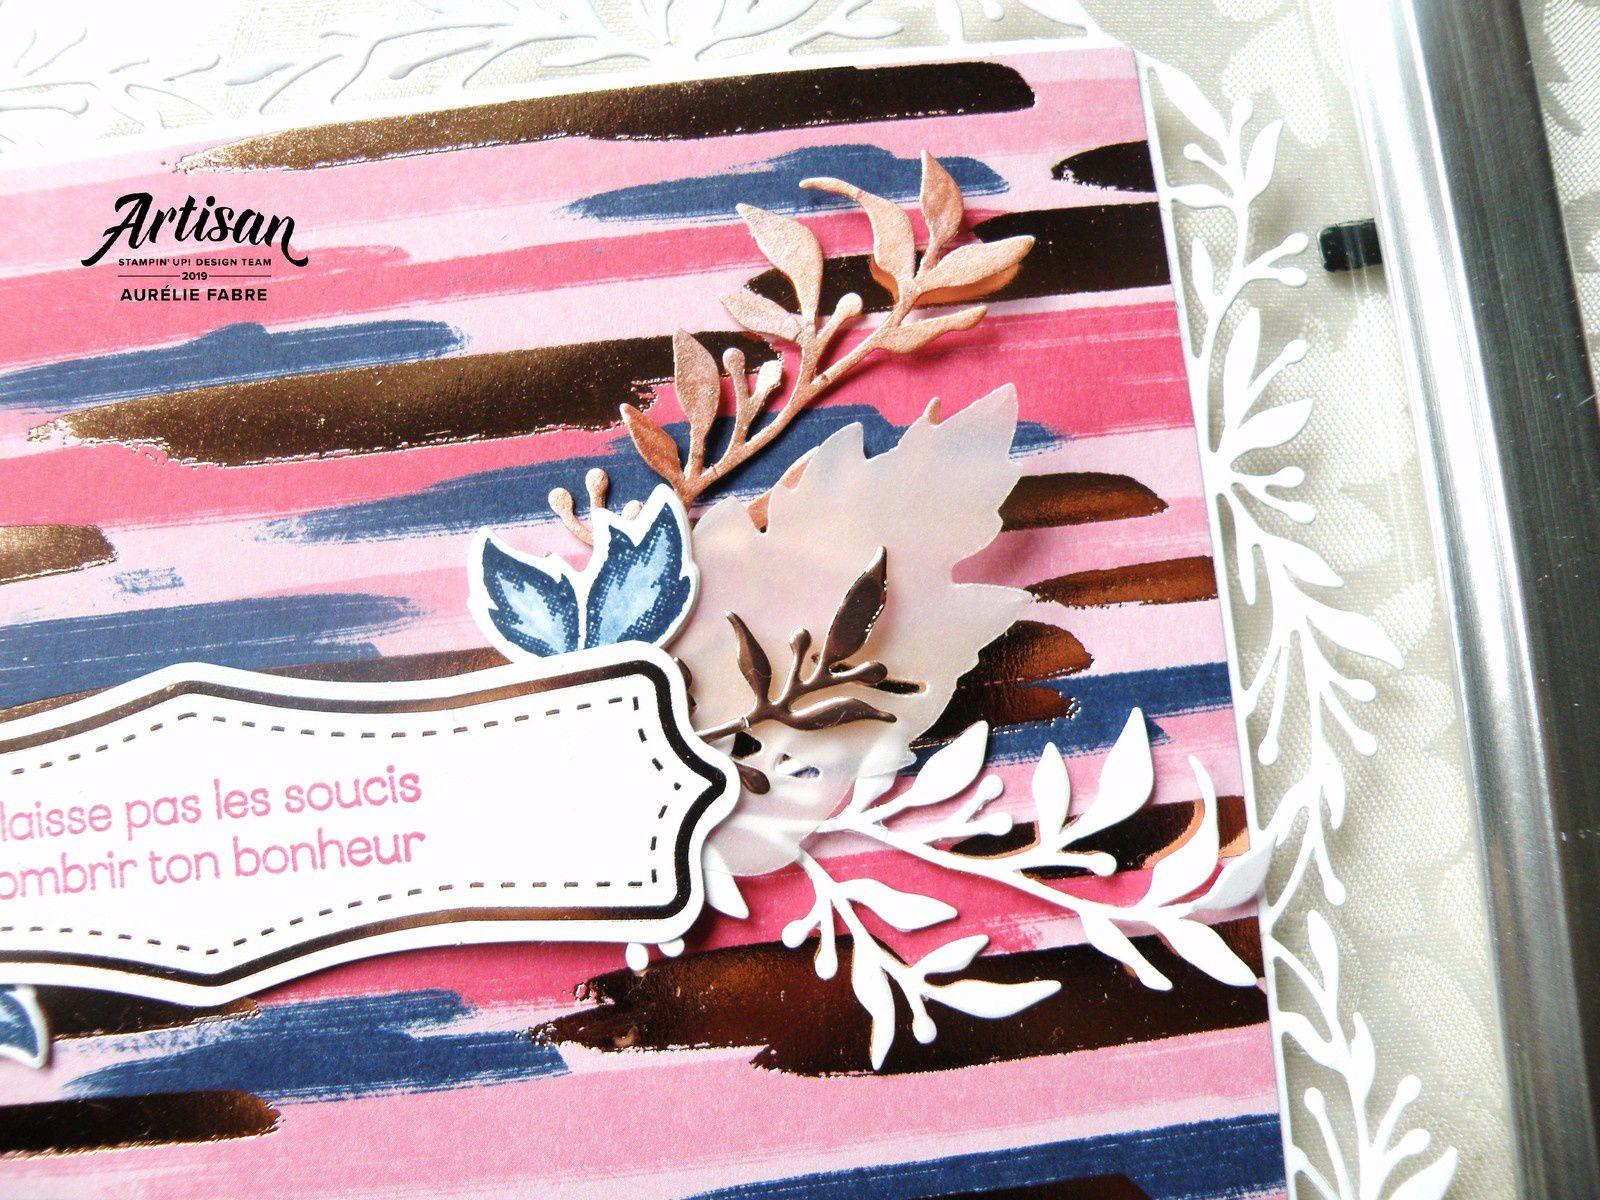 Détails du cadre fleuri - Aurélie Fabre